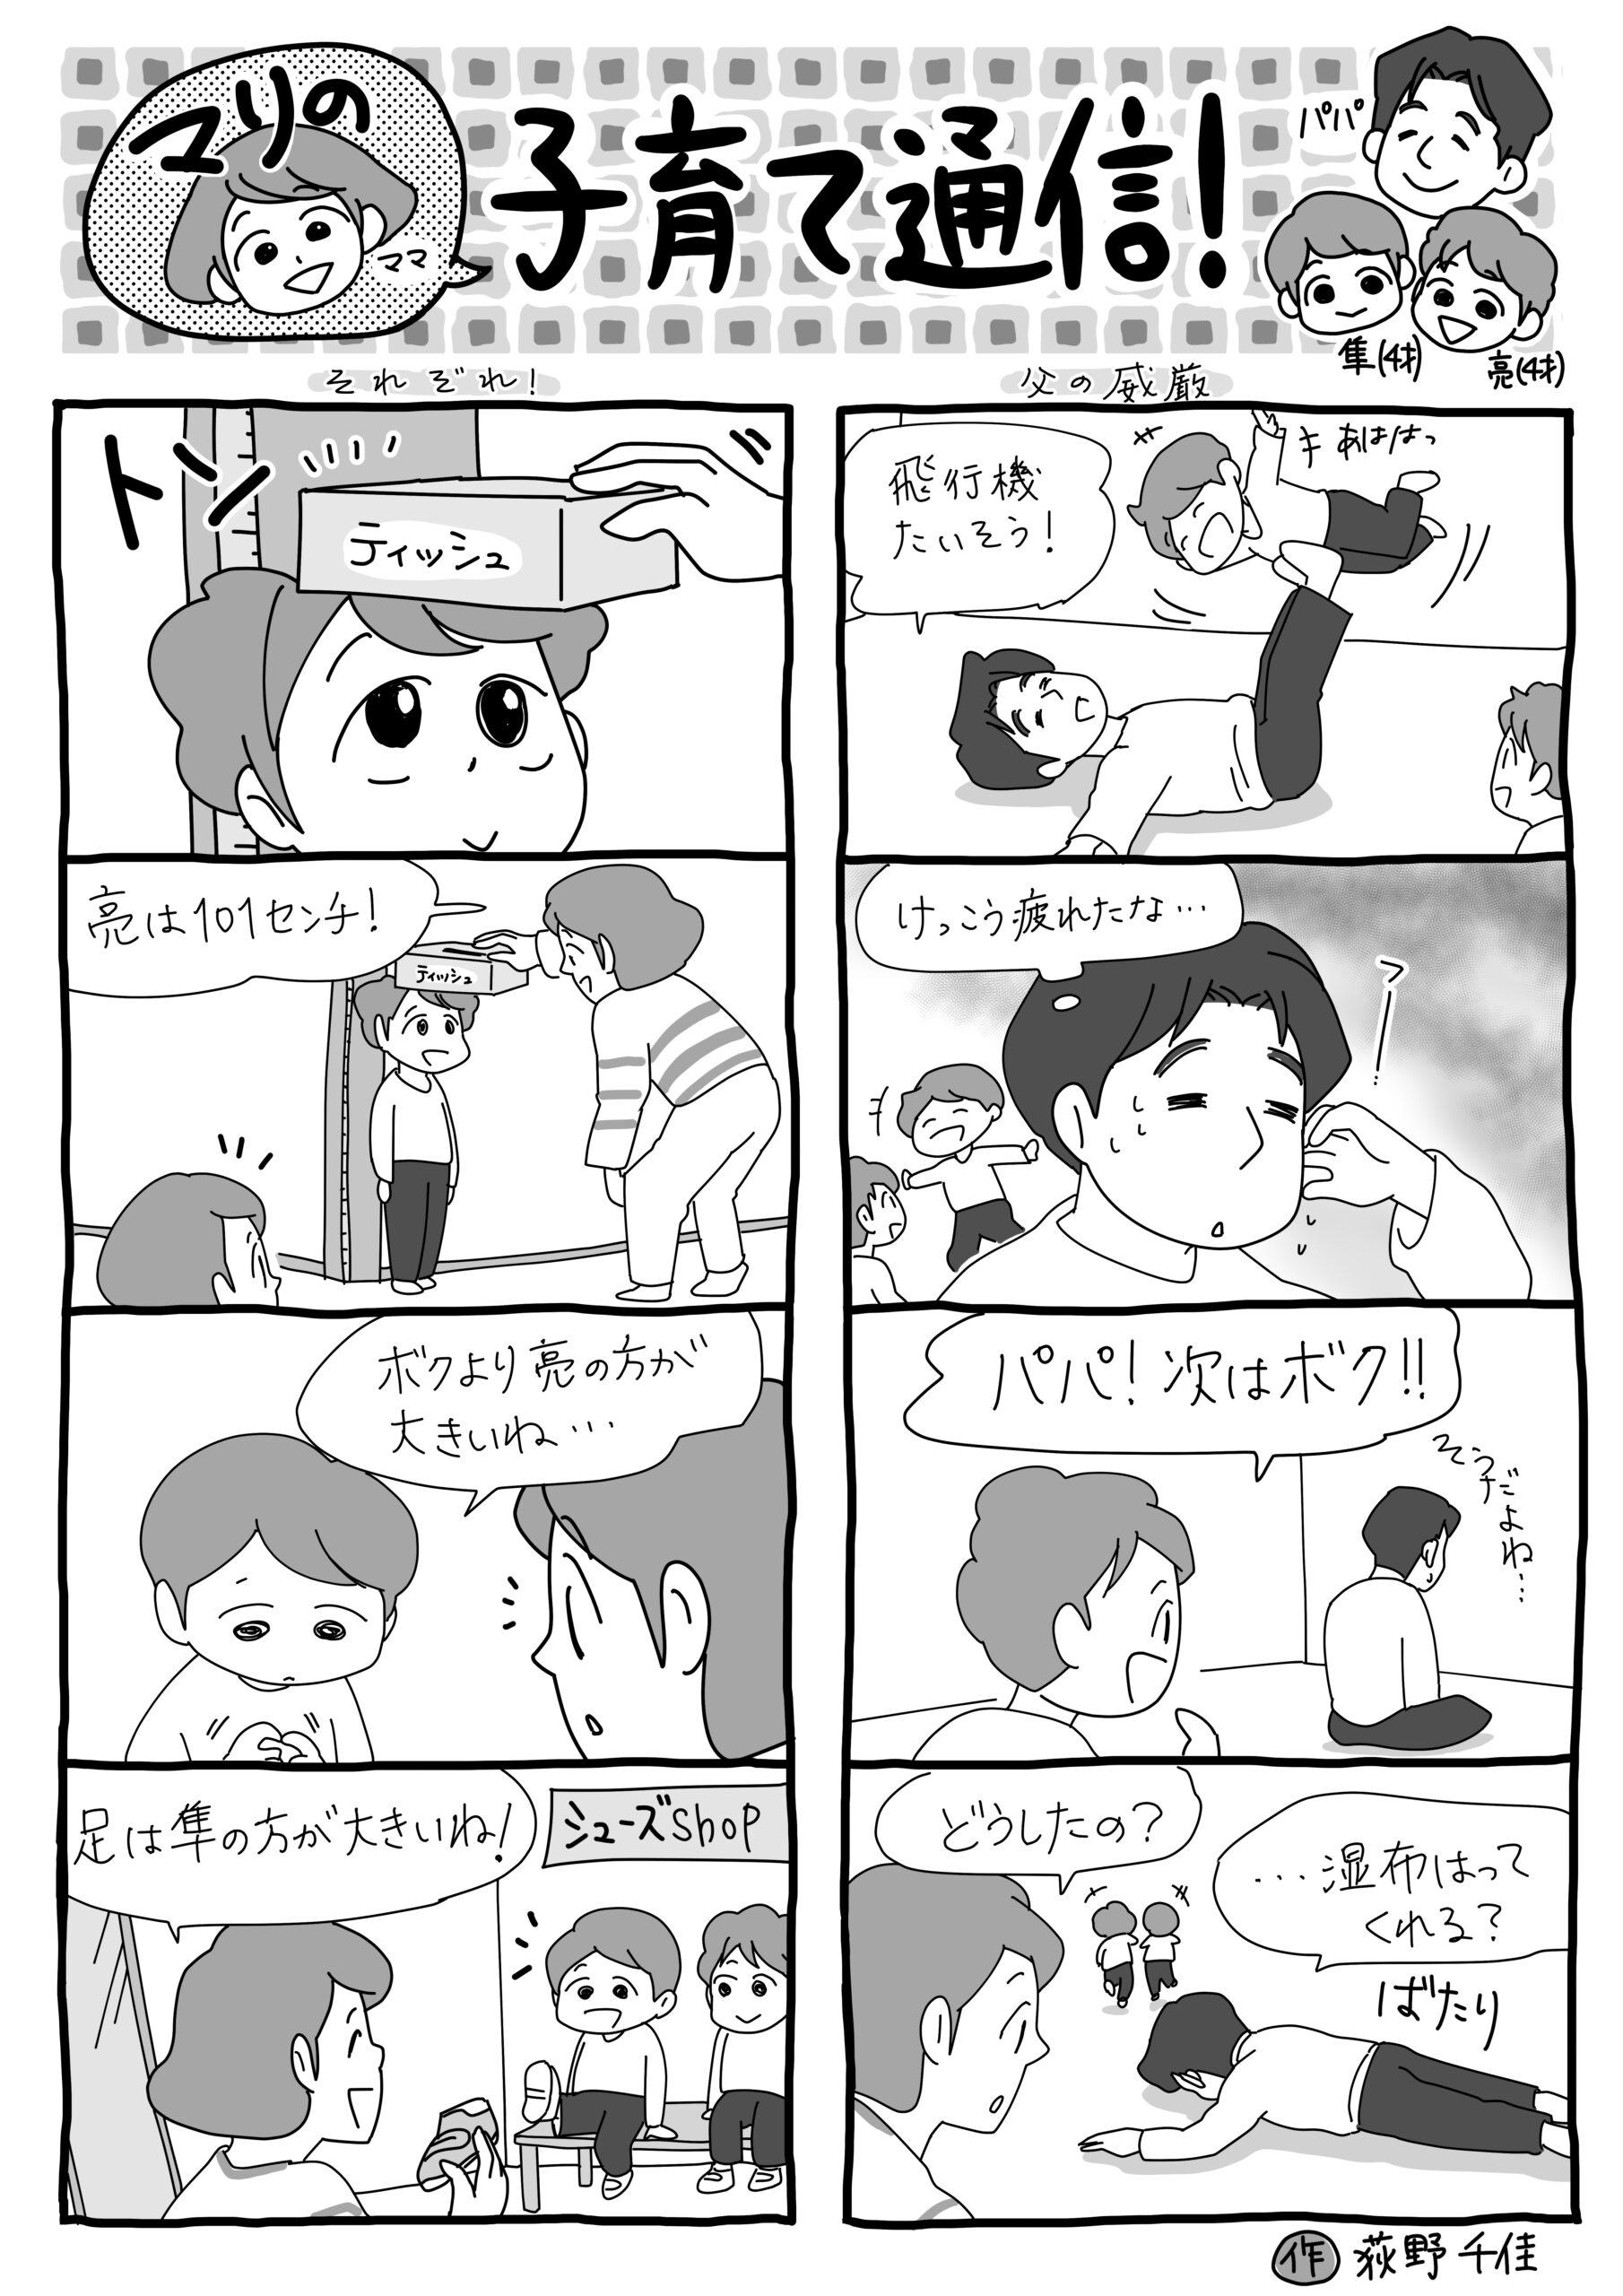 4コママンガ&イラスト連載中!/(株)サティスホールディングスグループ様発行媒体